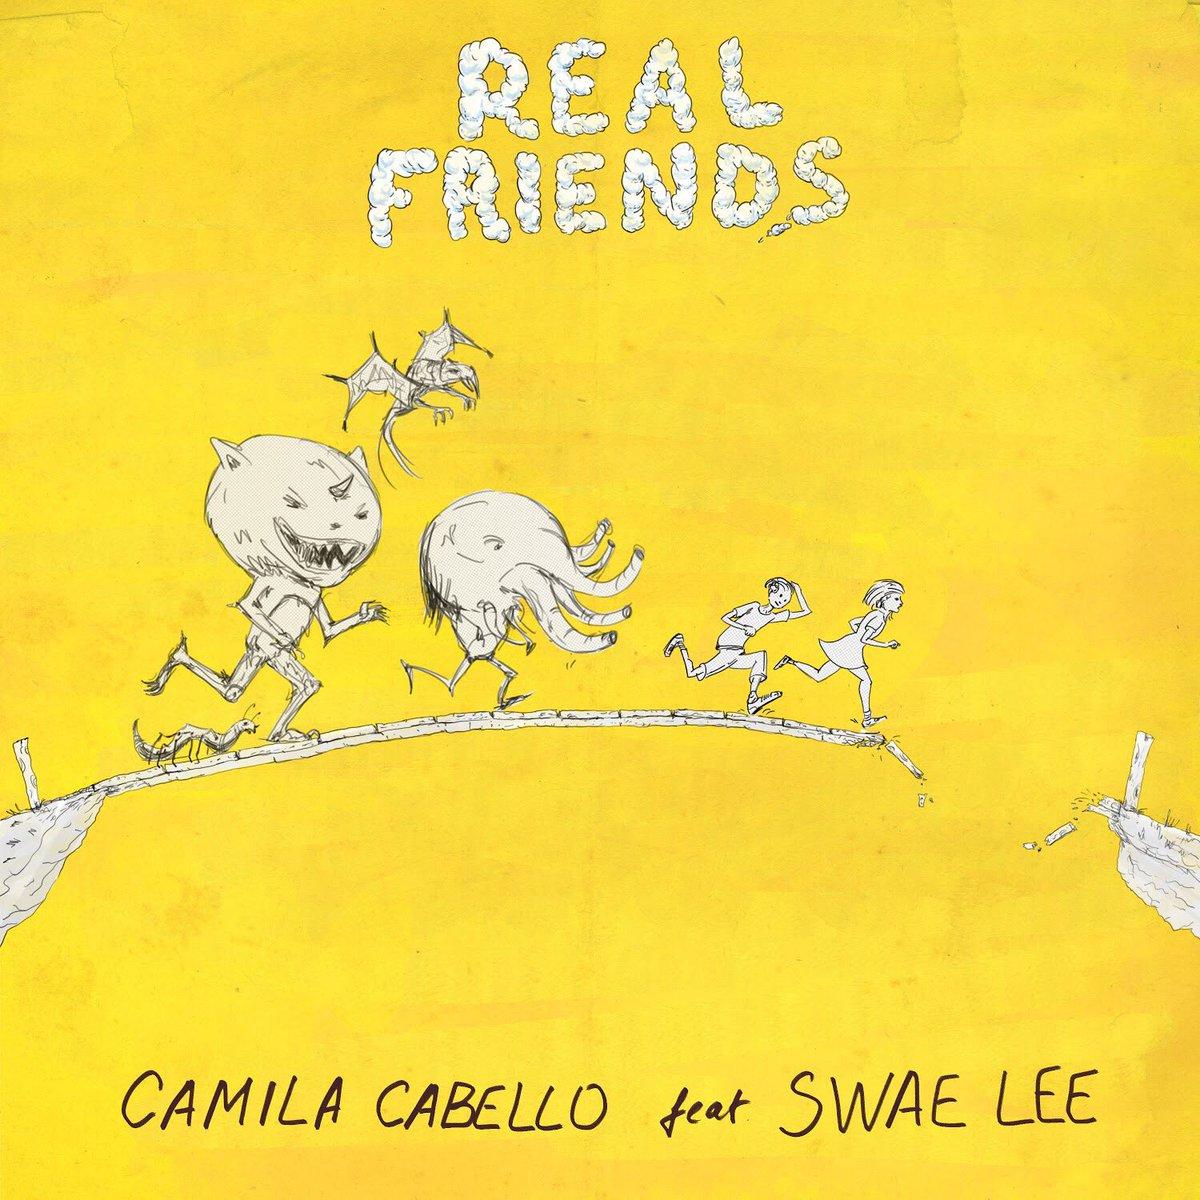 camila cabello real friends